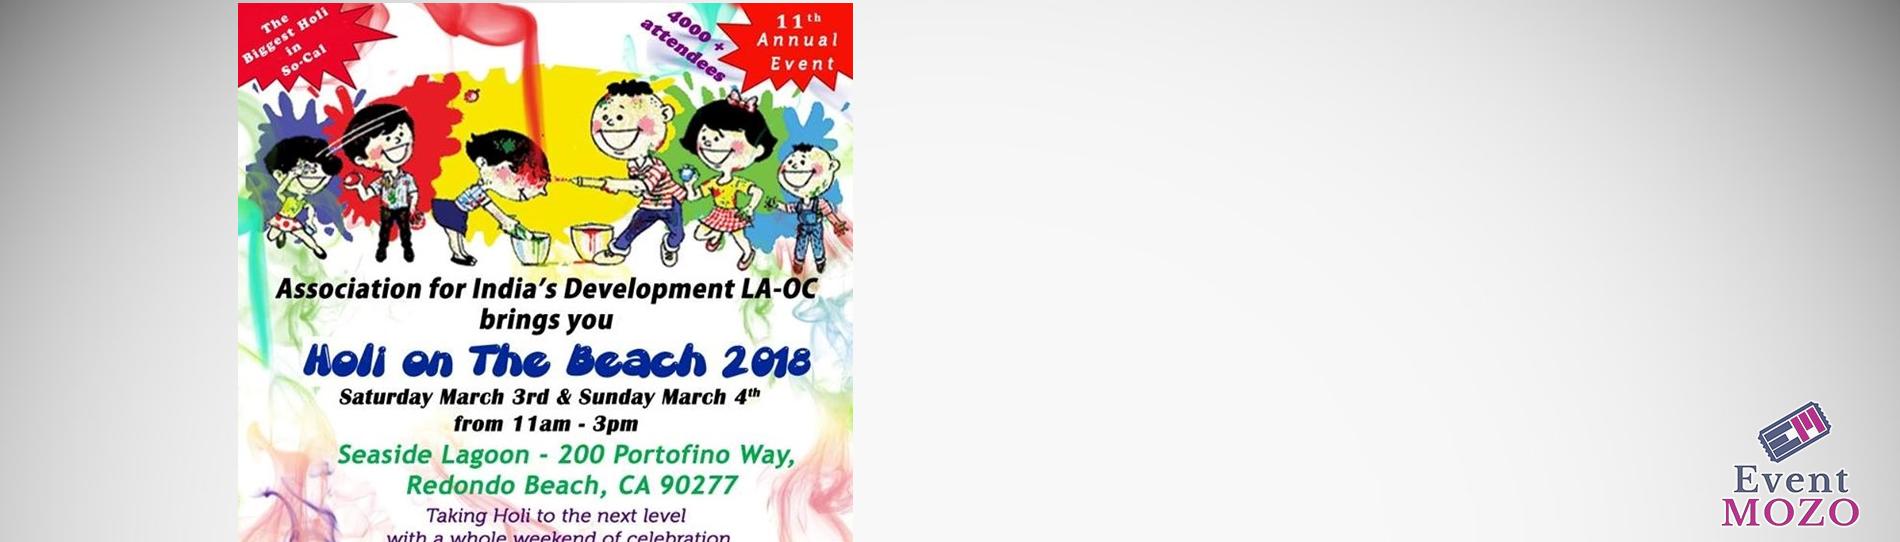 EventMozo Holi on the Beach 2018 (Festival Of Colors LA-OC)